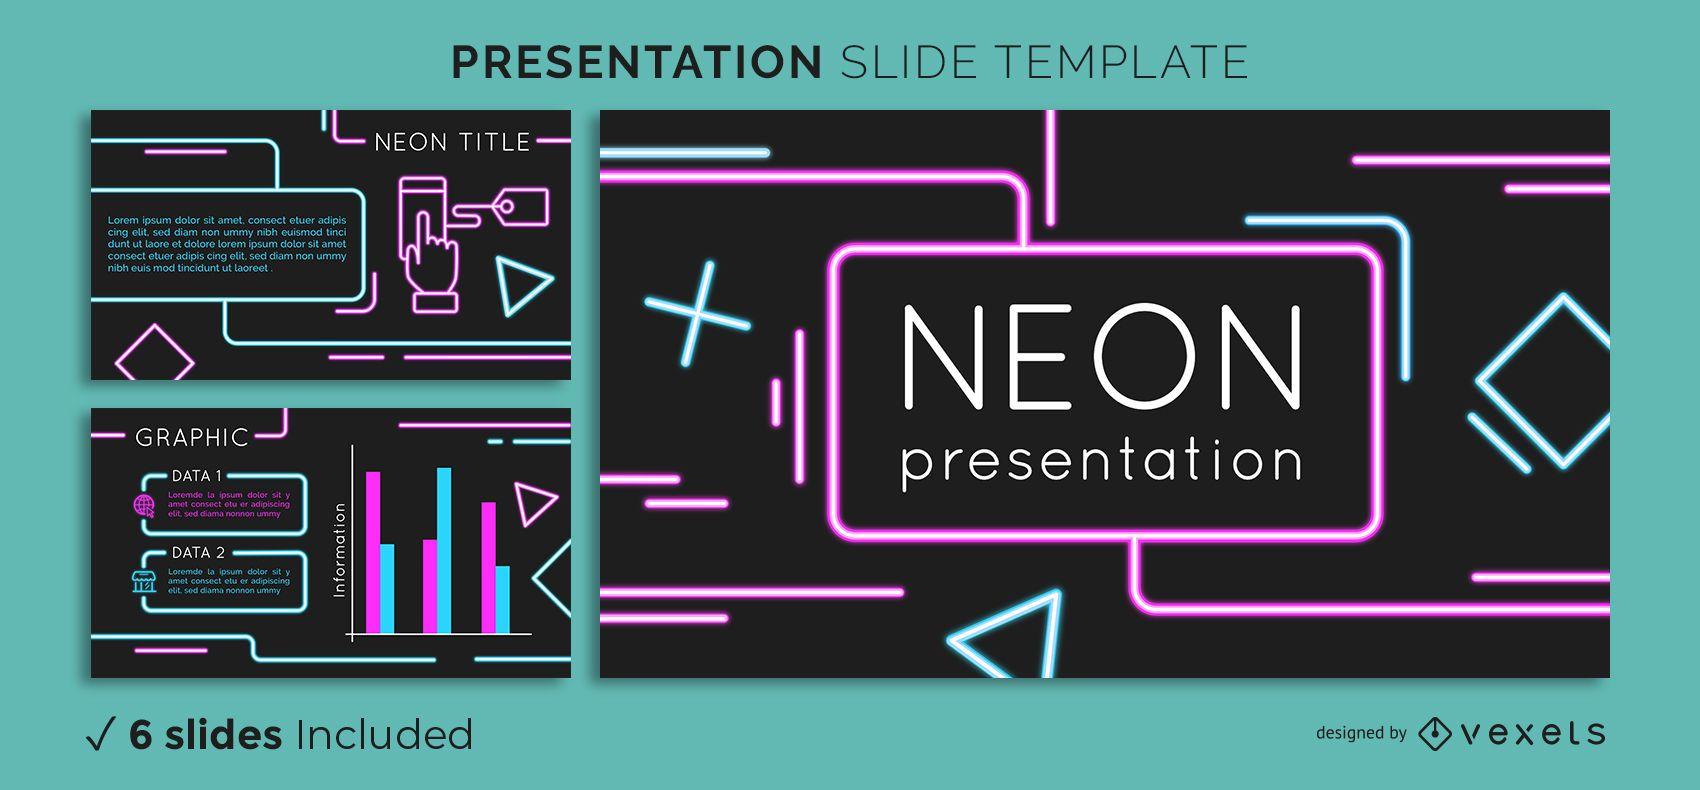 Neon Präsentationsvorlage